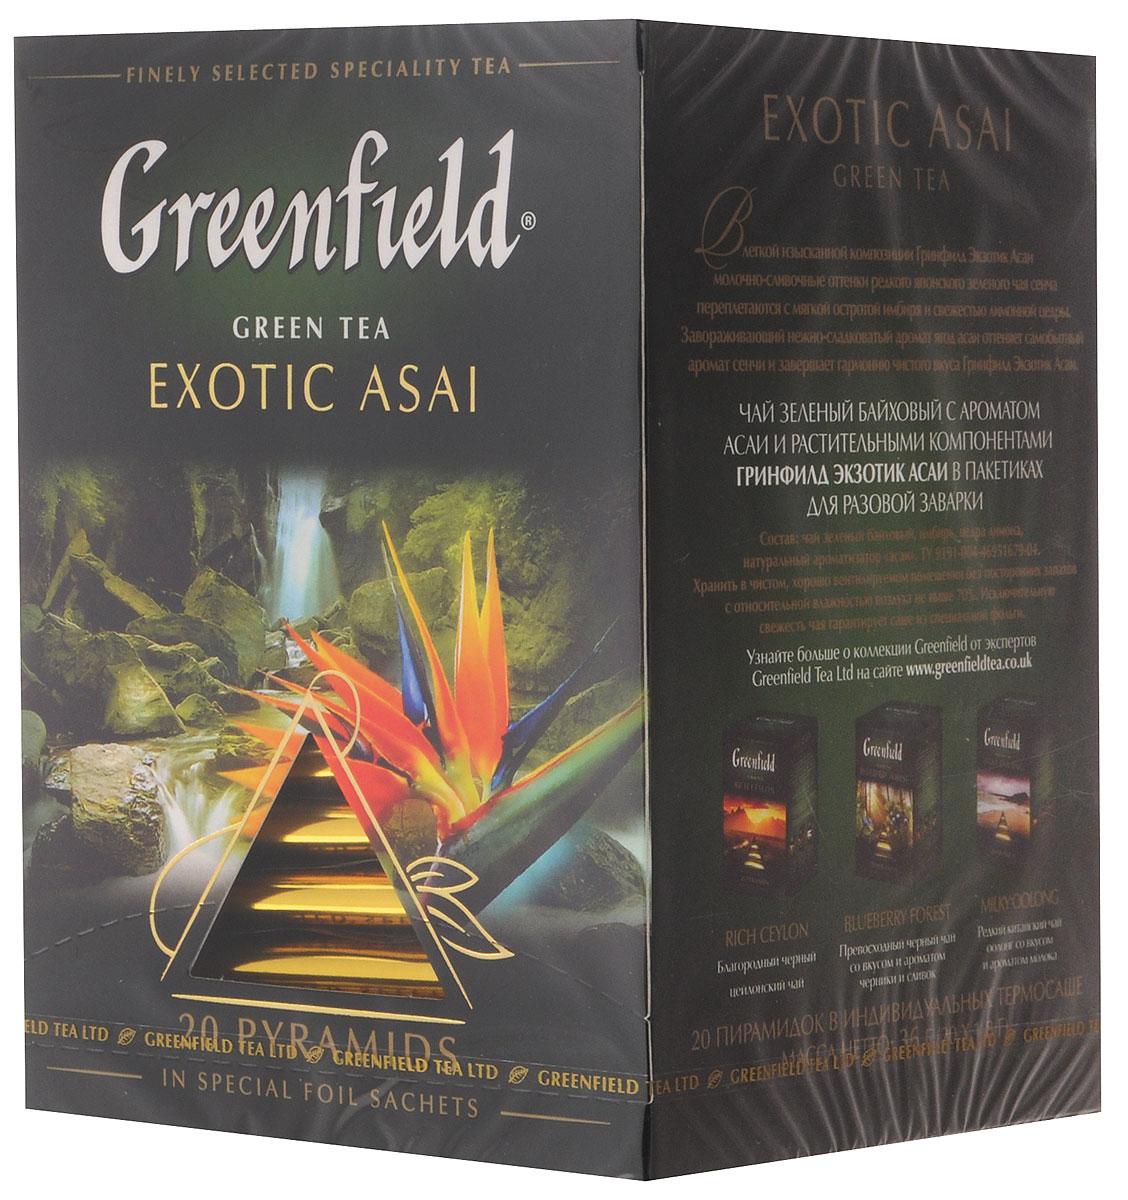 Greenfield Exotic Asai зеленый чай в пирамидках, 20 шт101246В легкой изысканной композиции Гринфилд Экзотик Асаи молочно-сливочные оттенки редкого японского зеленого чая сенча переплетаются с мягкой остротой имбиря и свежестью лимонной цедры. Завораживающий нежно-сладковатый аромат ягод асаи оттеняет самобытный аромат сенчи и завершает гармонию чистого вкуса Гринфилд Экзотик Асаи.Уважаемые клиенты! Обращаем ваше внимание, что полный перечень состава продукта представлен на дополнительном изображении.